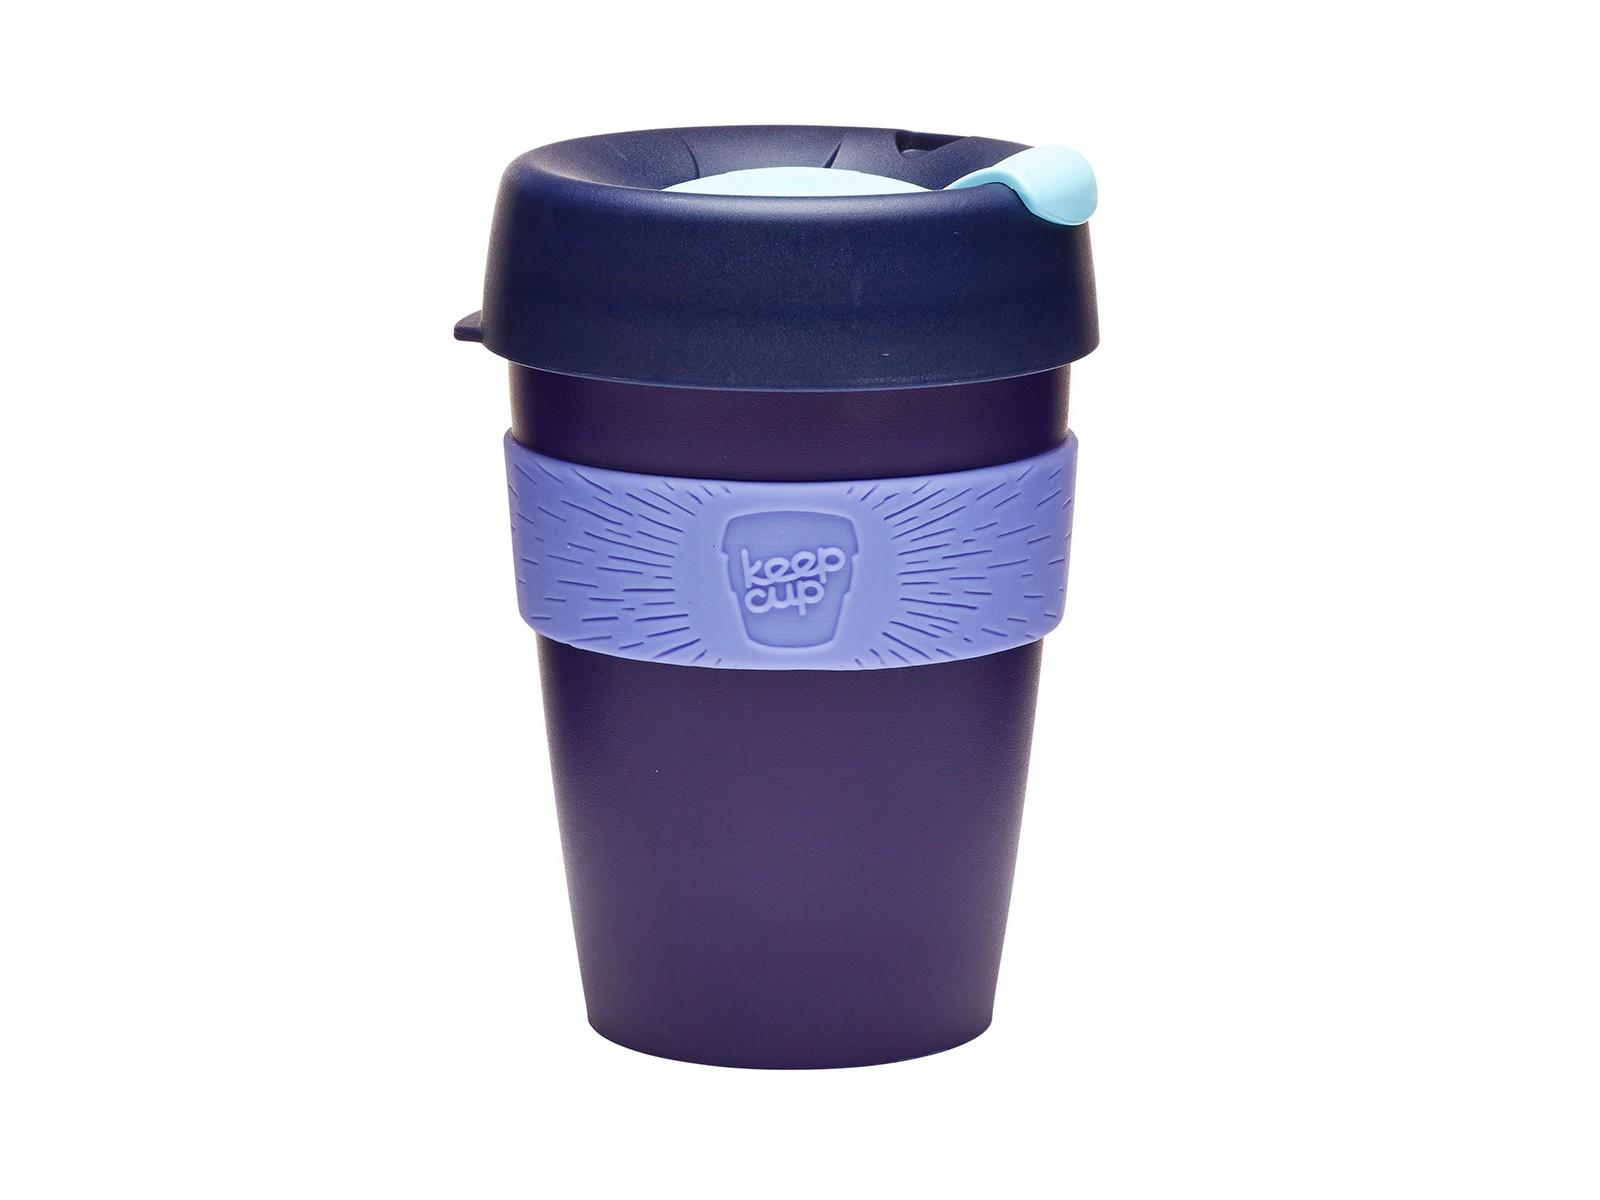 Кружка Keepcup blueberryЧайные пары, чашки и кружки<br>Кружка, созданная с мыслями о вас и о планете. Главная идея KeepCup – вдохновить любителей кофе отказаться от использования одноразовых бумажных и пластиковых стаканов, так как их производство и утилизация наносят вред окружающей среде. В год производится и выбрасывается около 500 миллиардов одноразовых стаканчиков, а ведь планета у нас всего одна! <br>Но главный плюс кружки  – привлекательный и яркий дизайн, который станет отражением вашего личного стиля. Берите ее в кафе или наливайте кофе, чай, сок дома, чтобы взять с собой - пить вкусные напитки на ходу, на работе или на пикнике. Специальная крышка с открывающимся и закрывающимся клапаном спасет от брызг, силиконовый ободок поможет не обжечься (плюс, удобно держать кружку в руках), а плотная крышка и толстые стенки сохранят напиток теплым в течение 20~30 минут. <br>Кружка сделана из нетоксичного пластика без содержания вредного бисфенола (BPA-free). Можно использовать в микроволновке и мыть в посудомоечной машине.&amp;amp;nbsp;&amp;lt;div&amp;gt;&amp;lt;br&amp;gt;&amp;lt;/div&amp;gt;&amp;lt;div&amp;gt;Объем: 340 мл.&amp;lt;br&amp;gt;&amp;lt;/div&amp;gt;<br><br>Material: Пластик<br>Height см: 13<br>Diameter см: 8,8